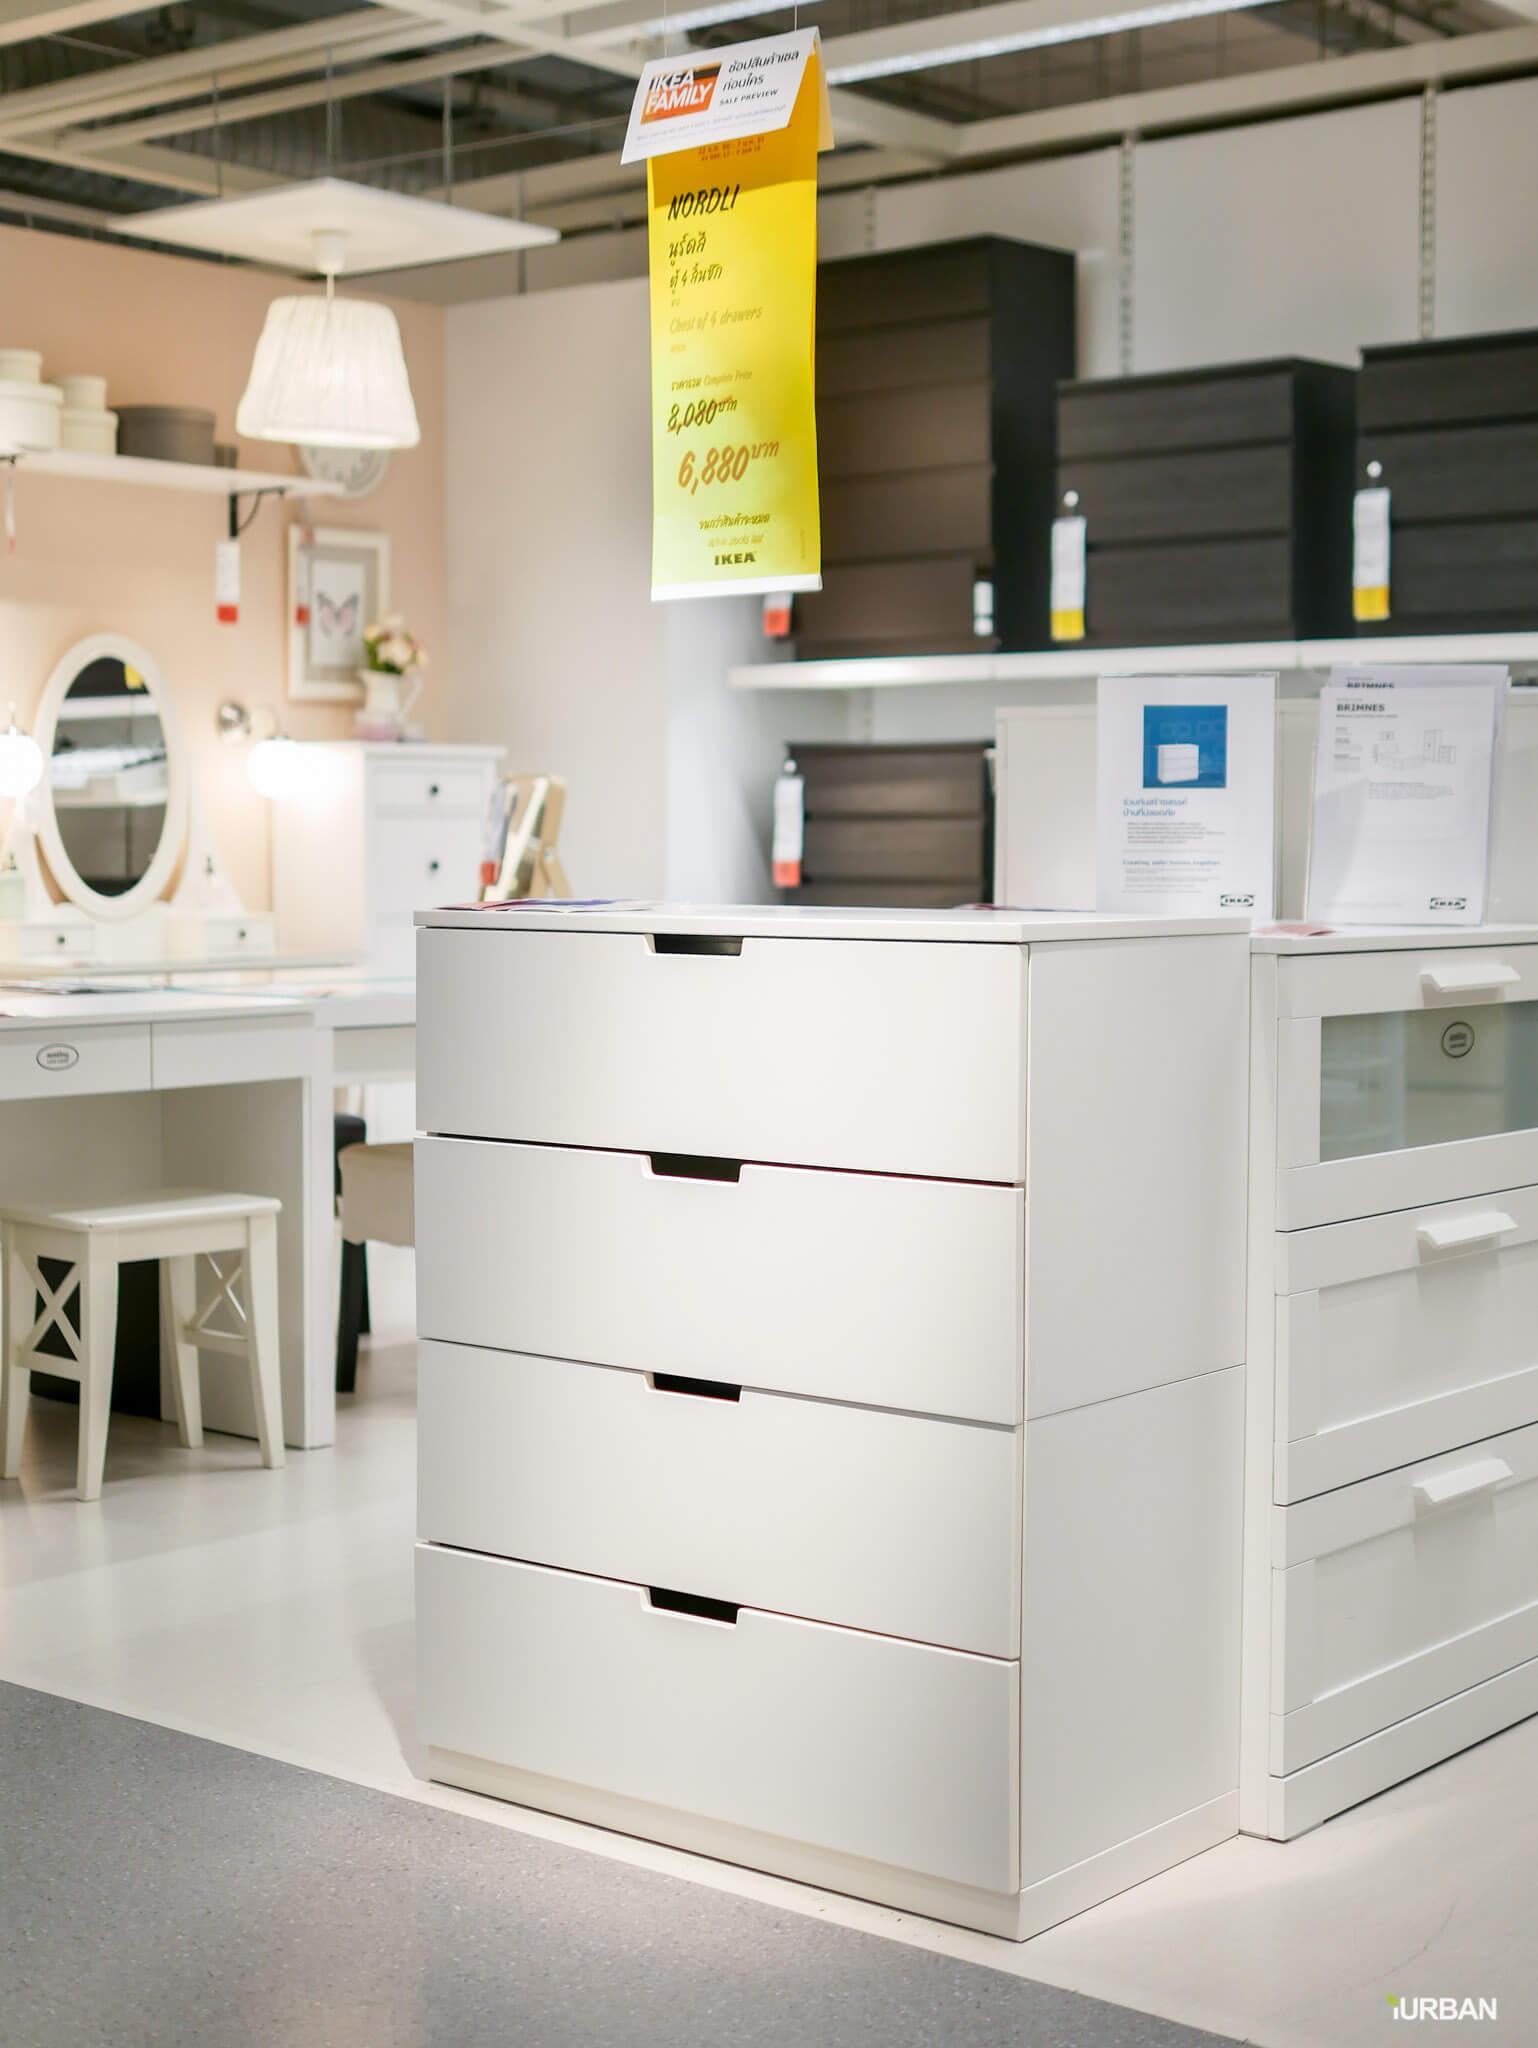 มันเยอะมากกกก!! IKEA Year End SALE 2017 รวมของเซลในอิเกีย ลดเยอะ ลดแหลก รีบพุ่งตัวไป วันนี้ - 7 มกราคม 61 83 - IKEA (อิเกีย)